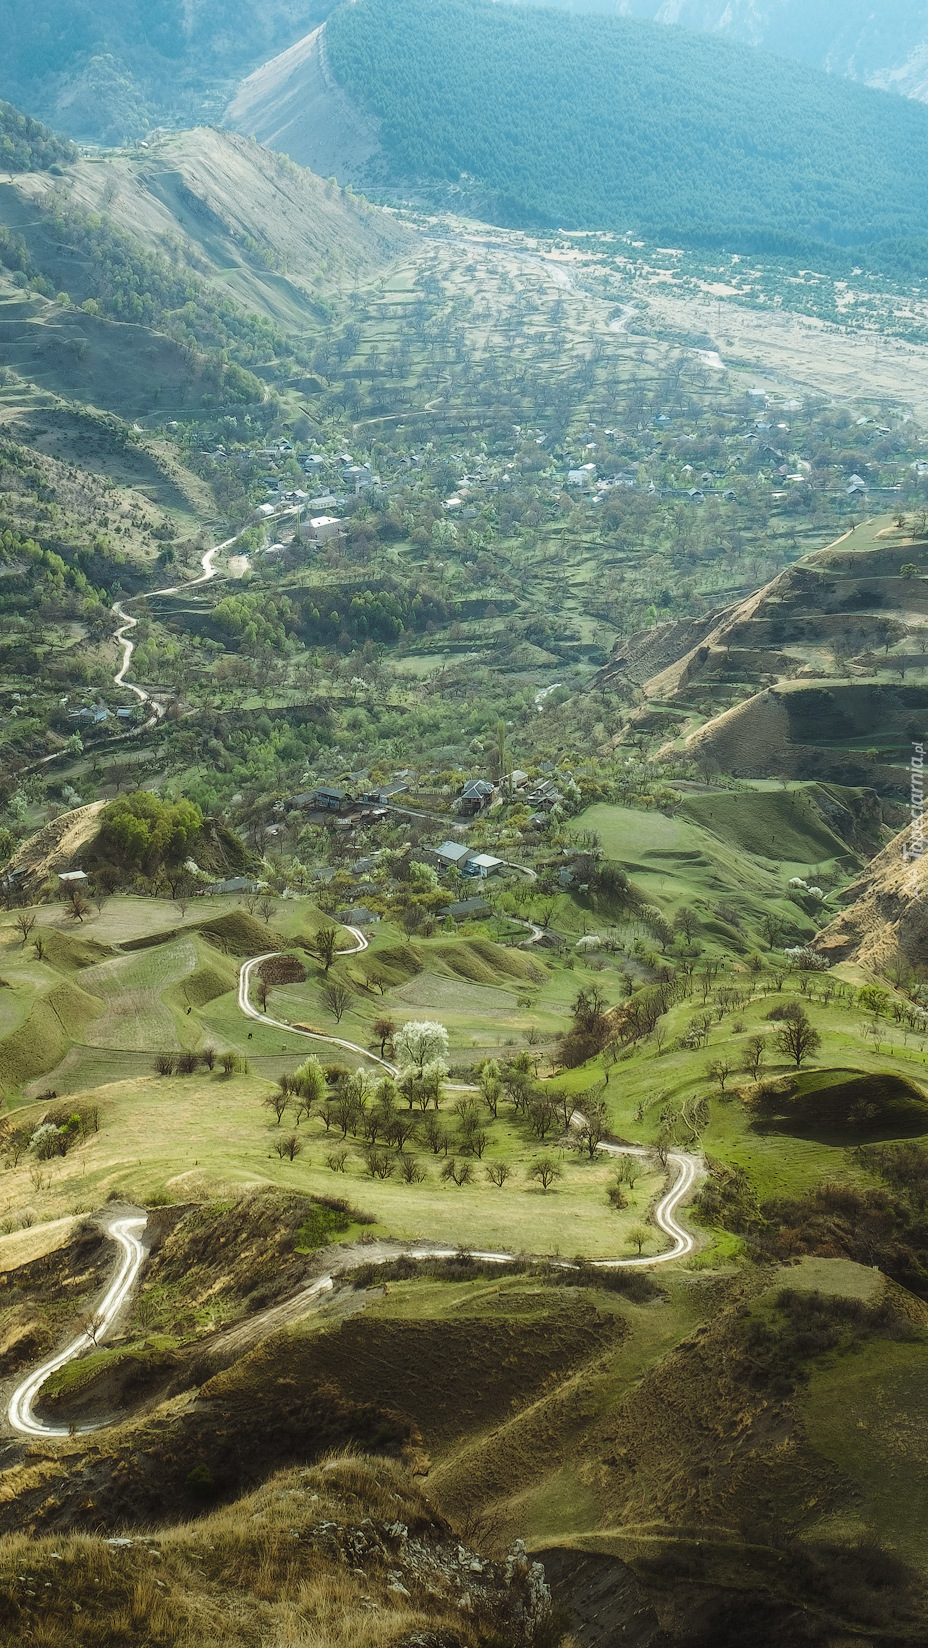 Wieś w dolinie u podnóża gór Kaukazu